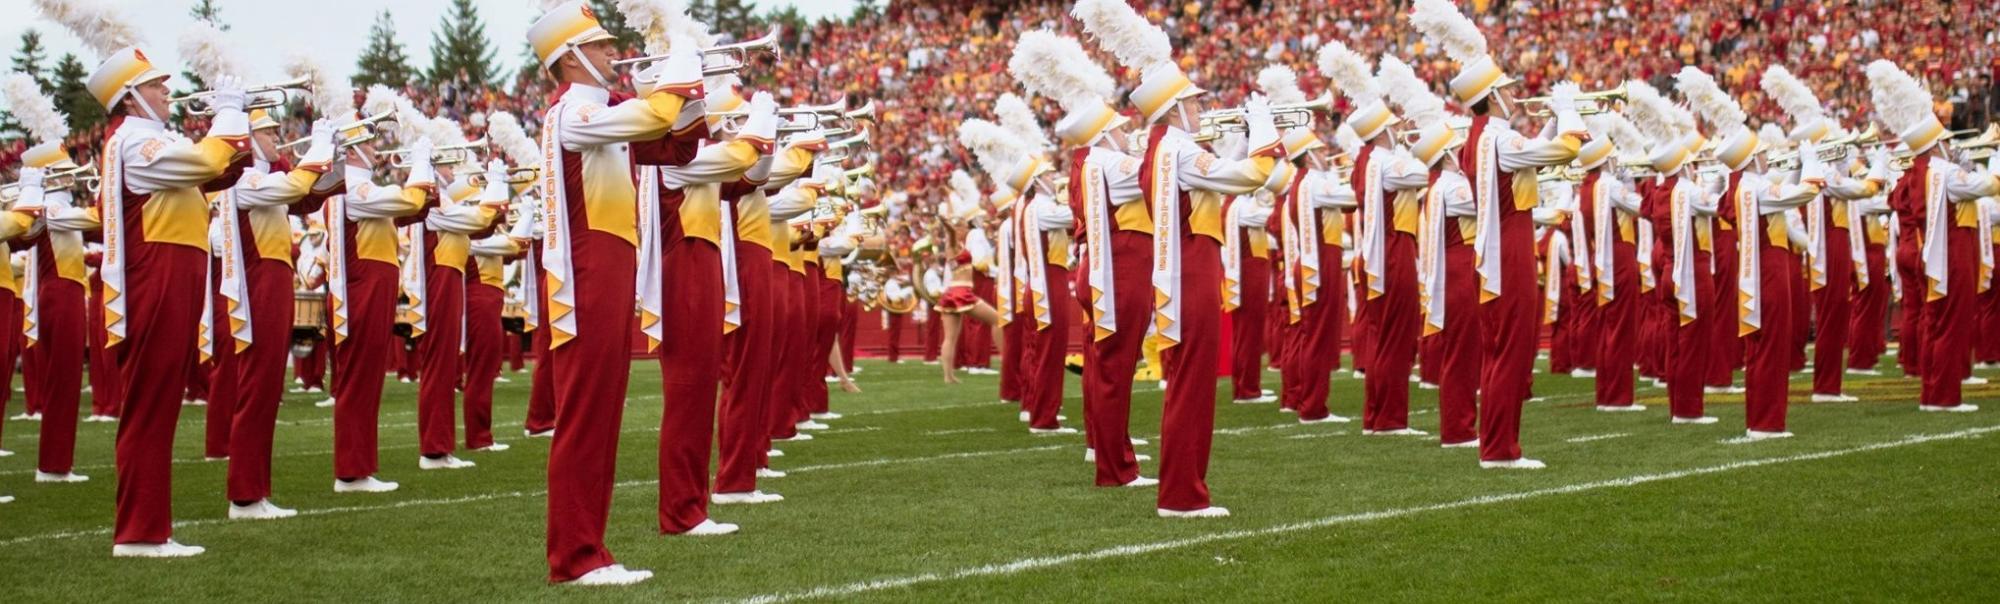 ISU Marching Band